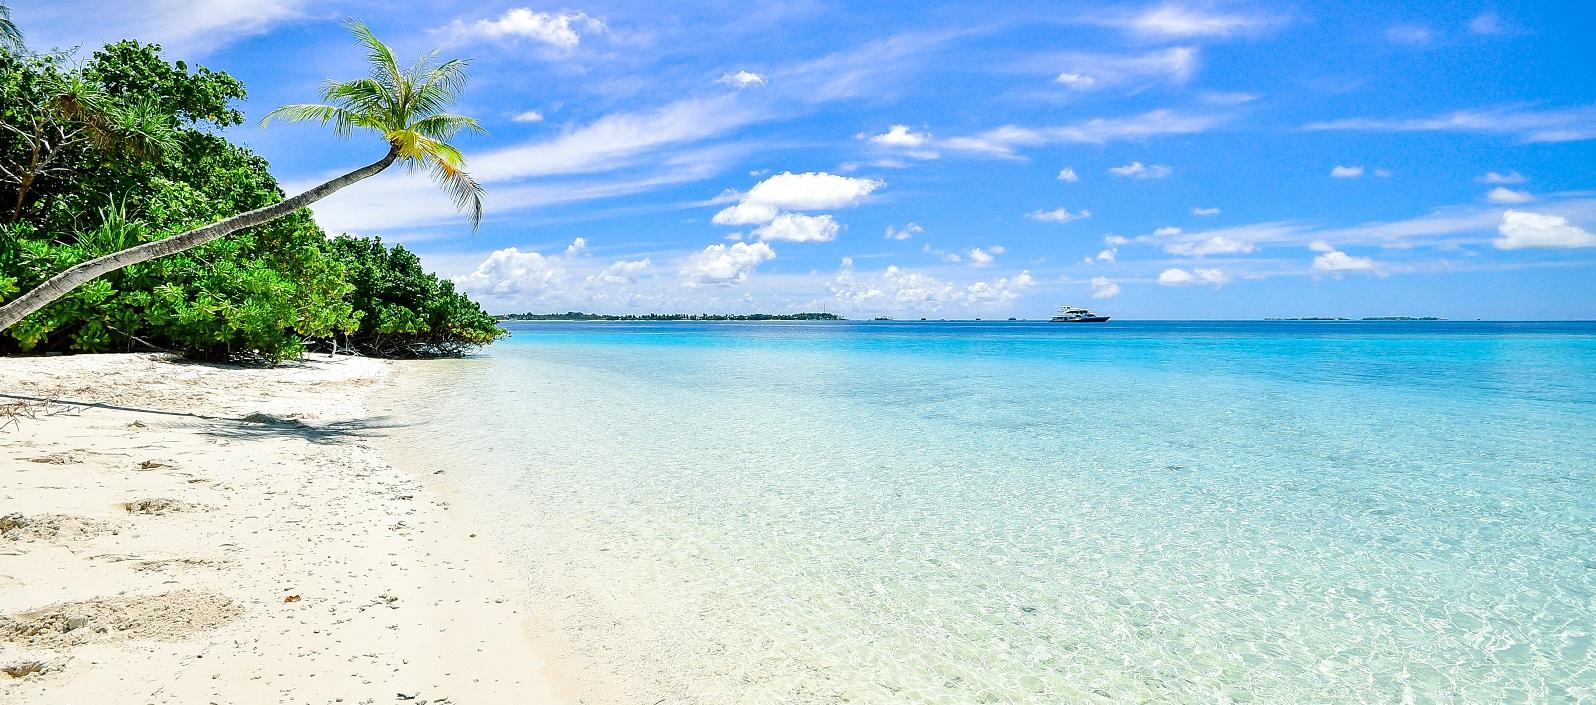 beach-calm-clouds-457882